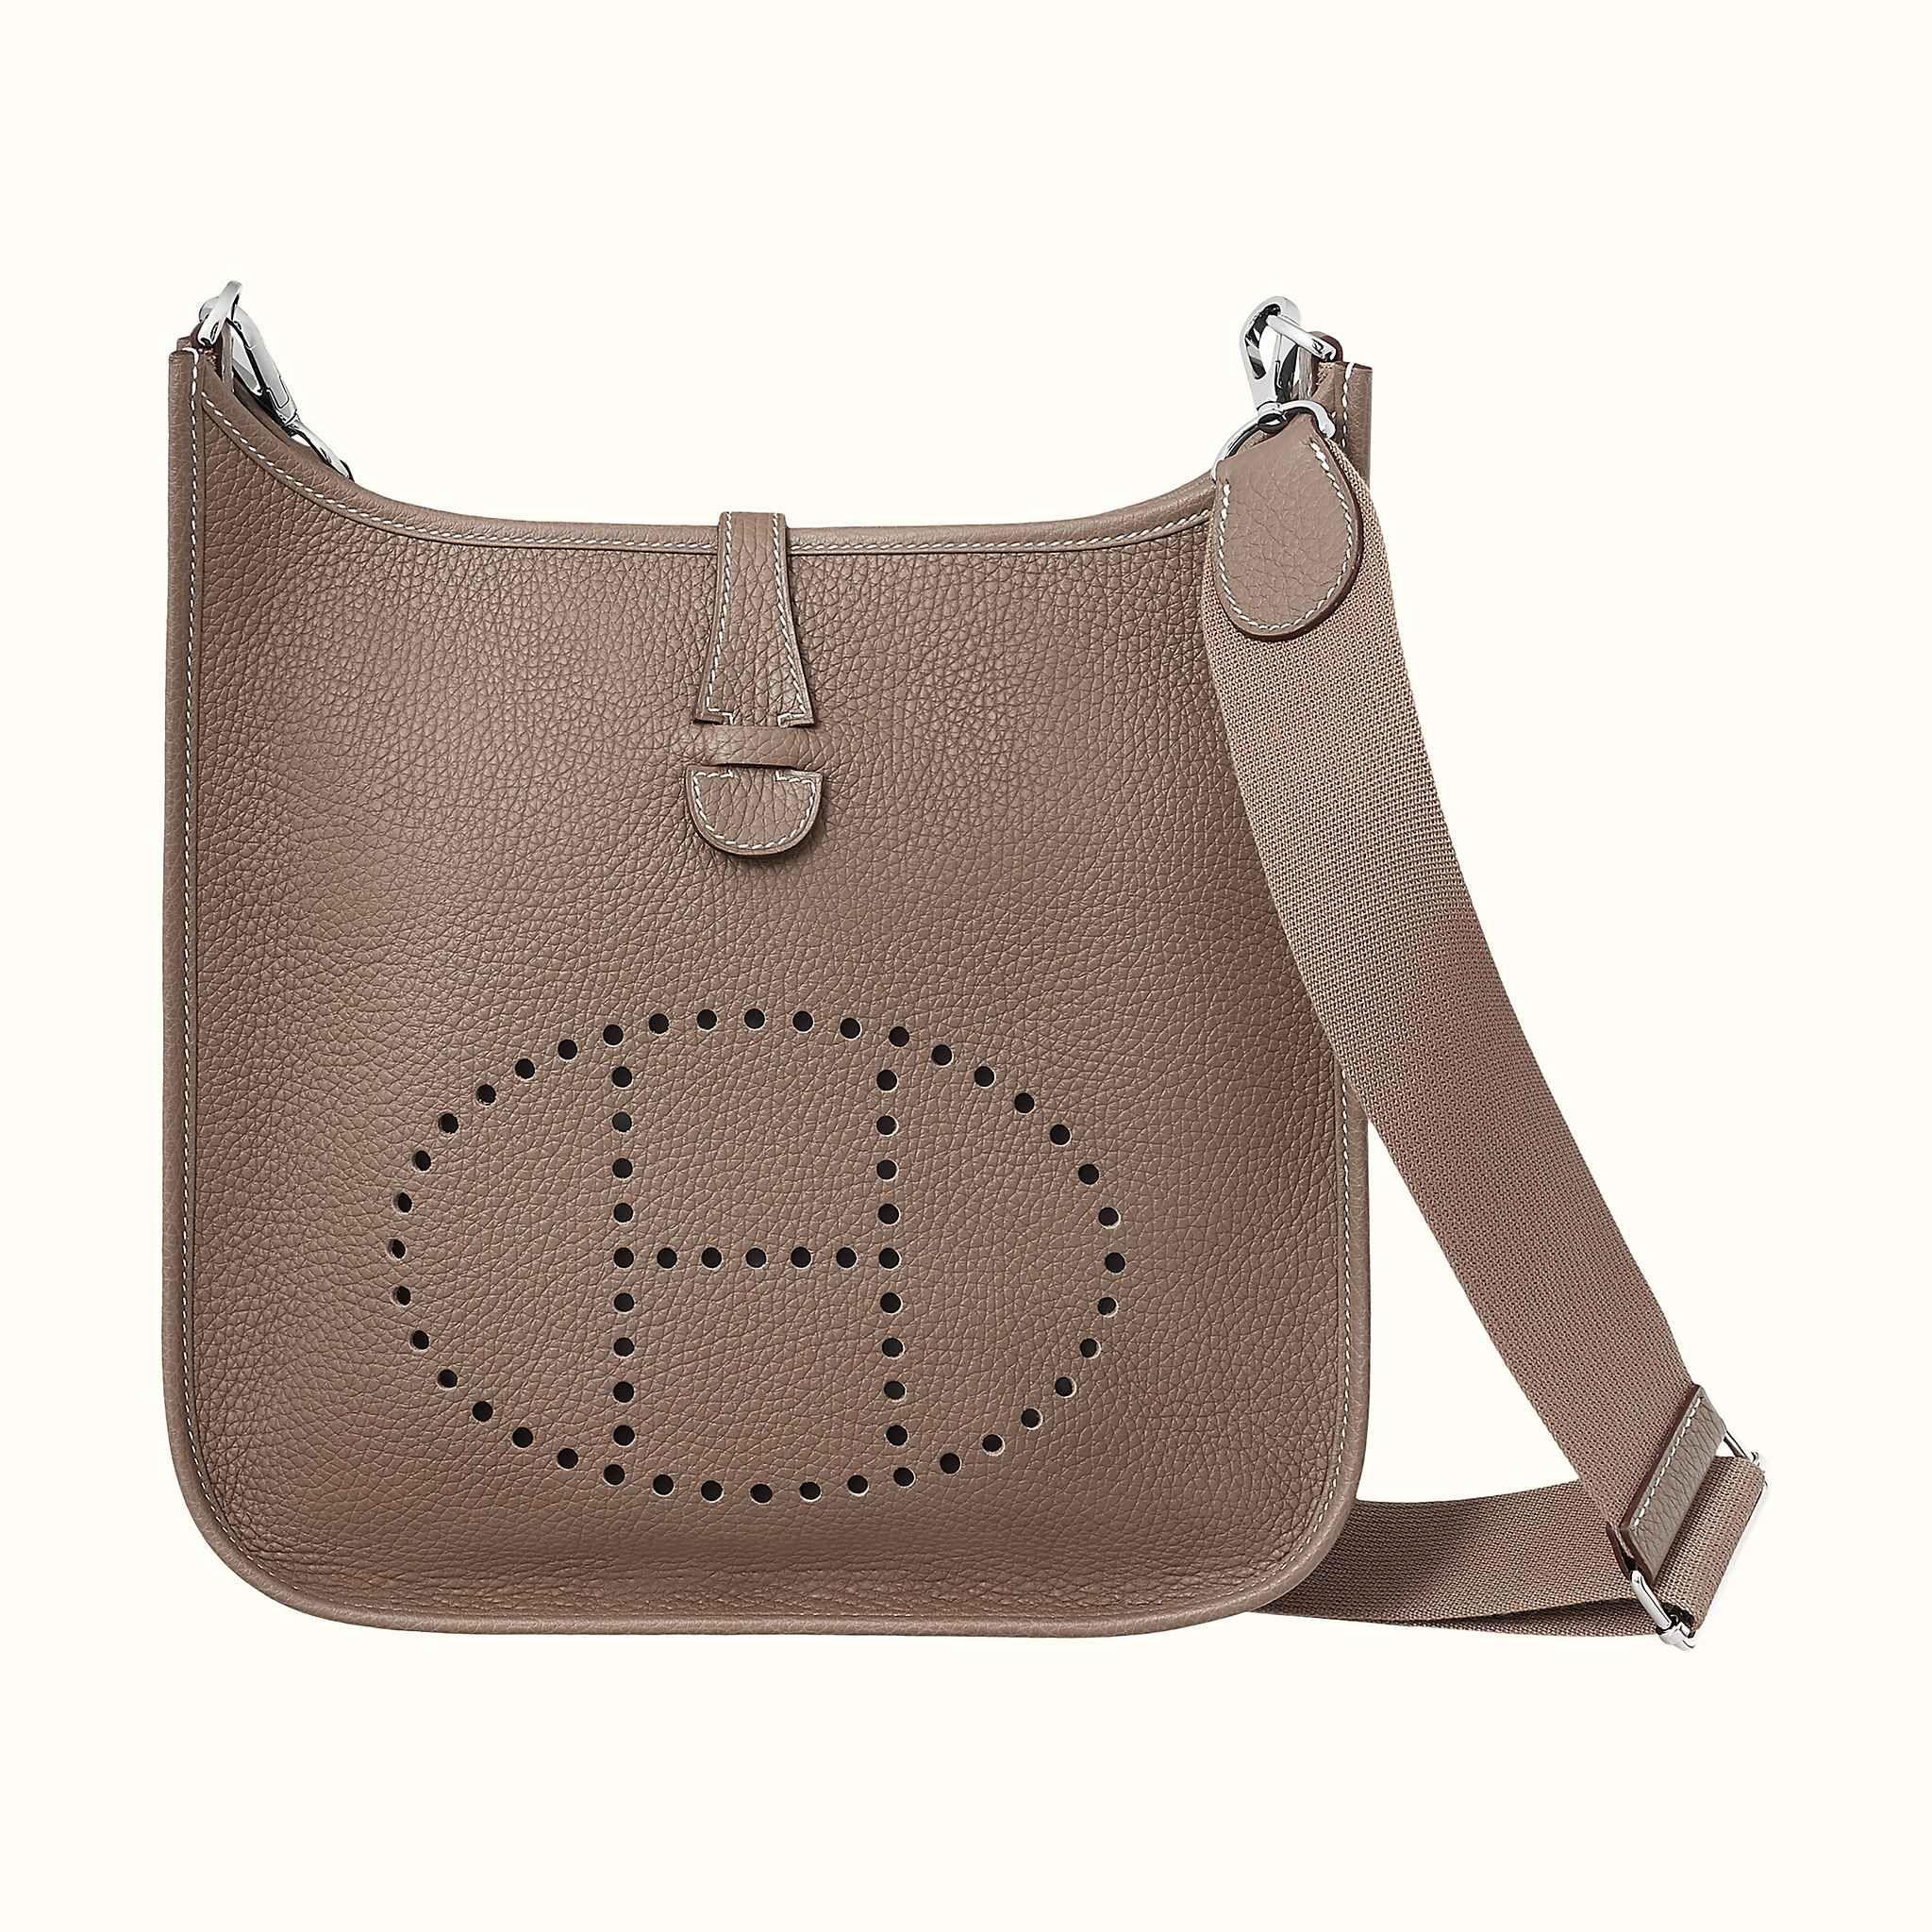 6dfc2136e3f0 Evelyne III 29 bag in 2019 | Handbags | Bags, Hermes, Hermes online